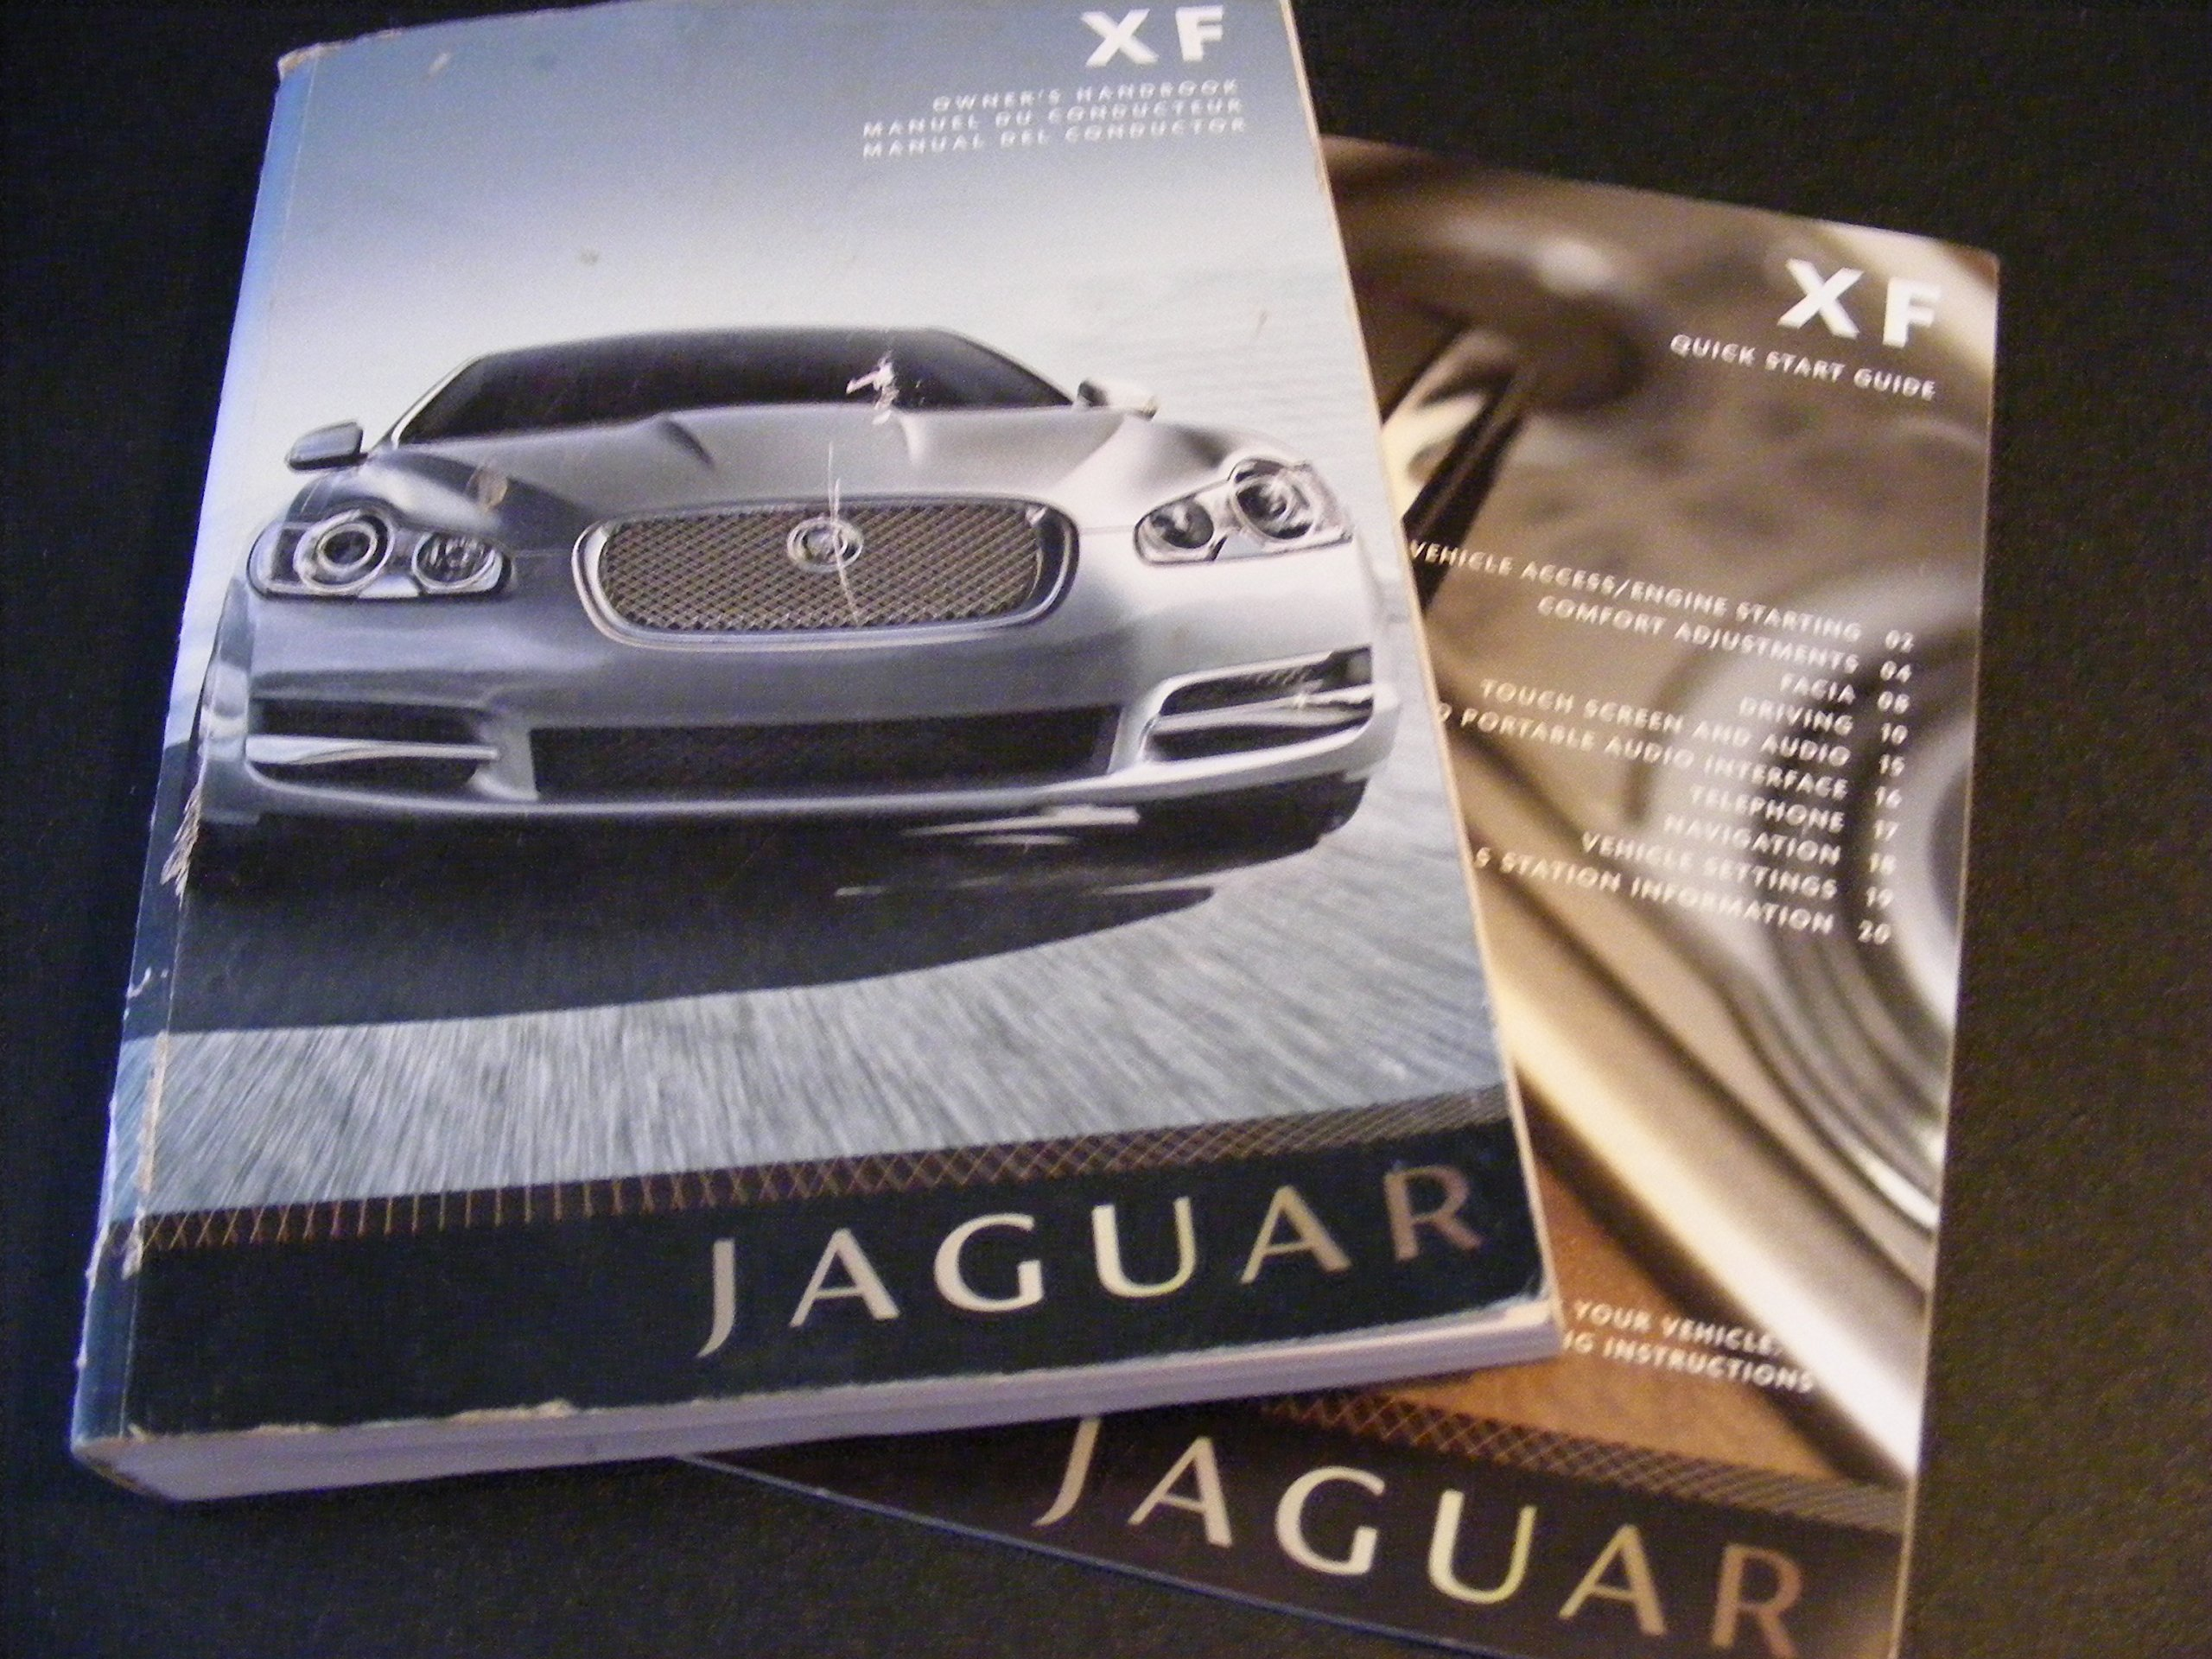 jaguar xf owners manual jaguar amazon com books rh amazon com jaguar xf owners manual 2012 jaguar xf owners manual 2012